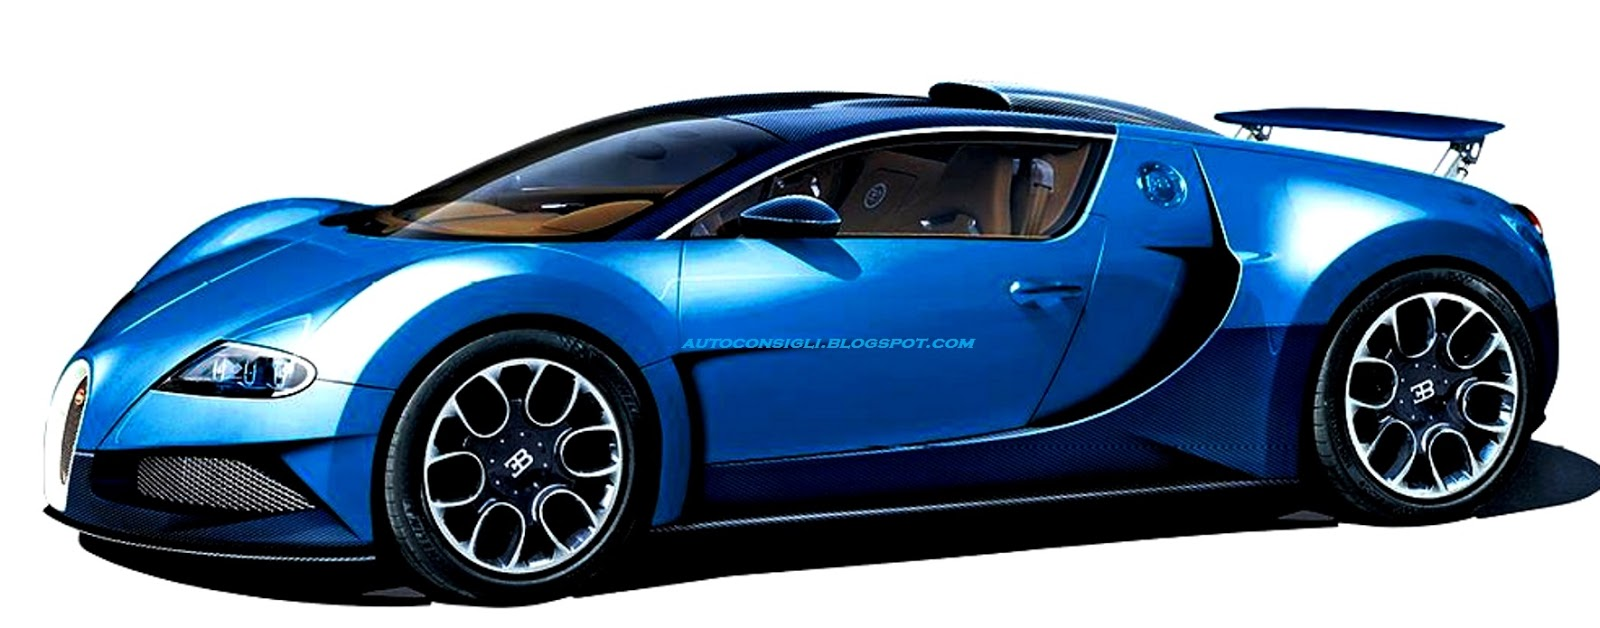 car al top 33 bugatti nel 2014 verr esibita la super veyron da cv. Black Bedroom Furniture Sets. Home Design Ideas